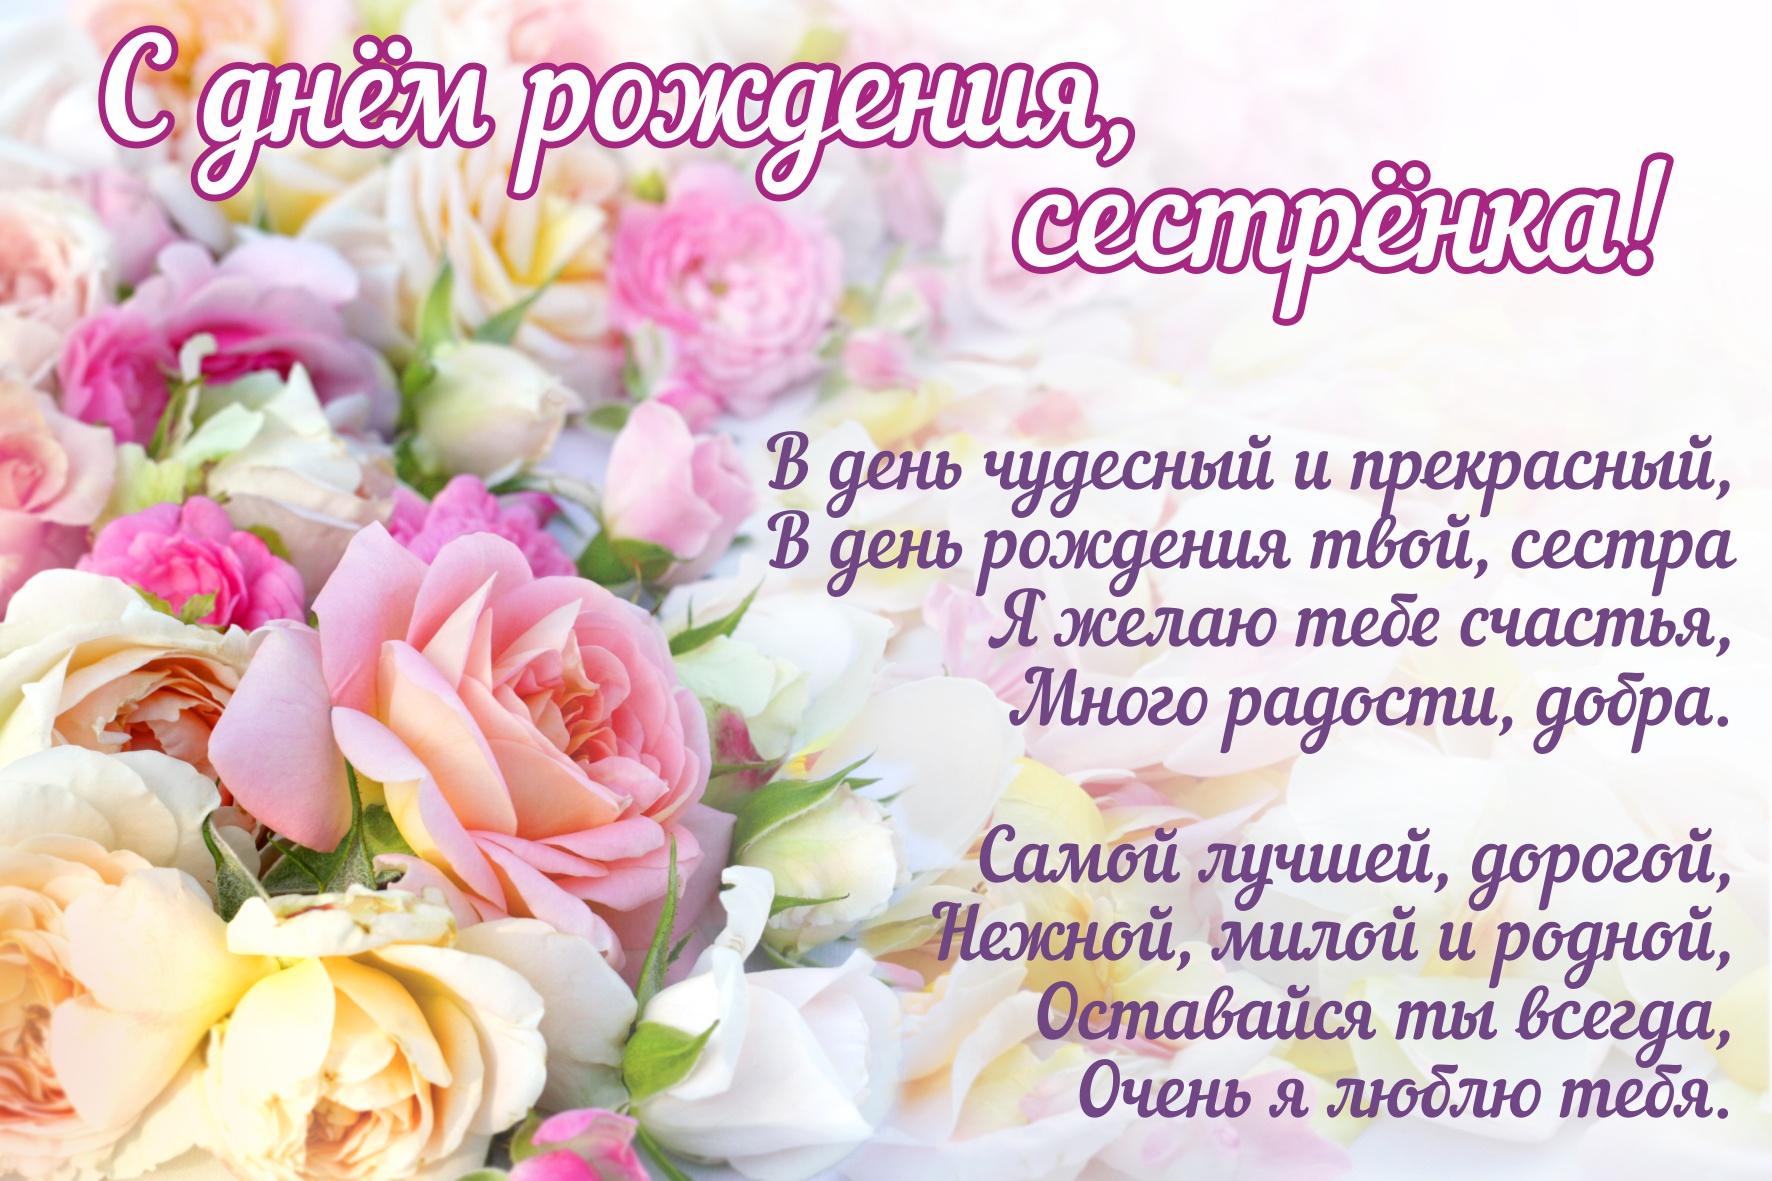 Поздравления с днем рождения сестренку 30 лет